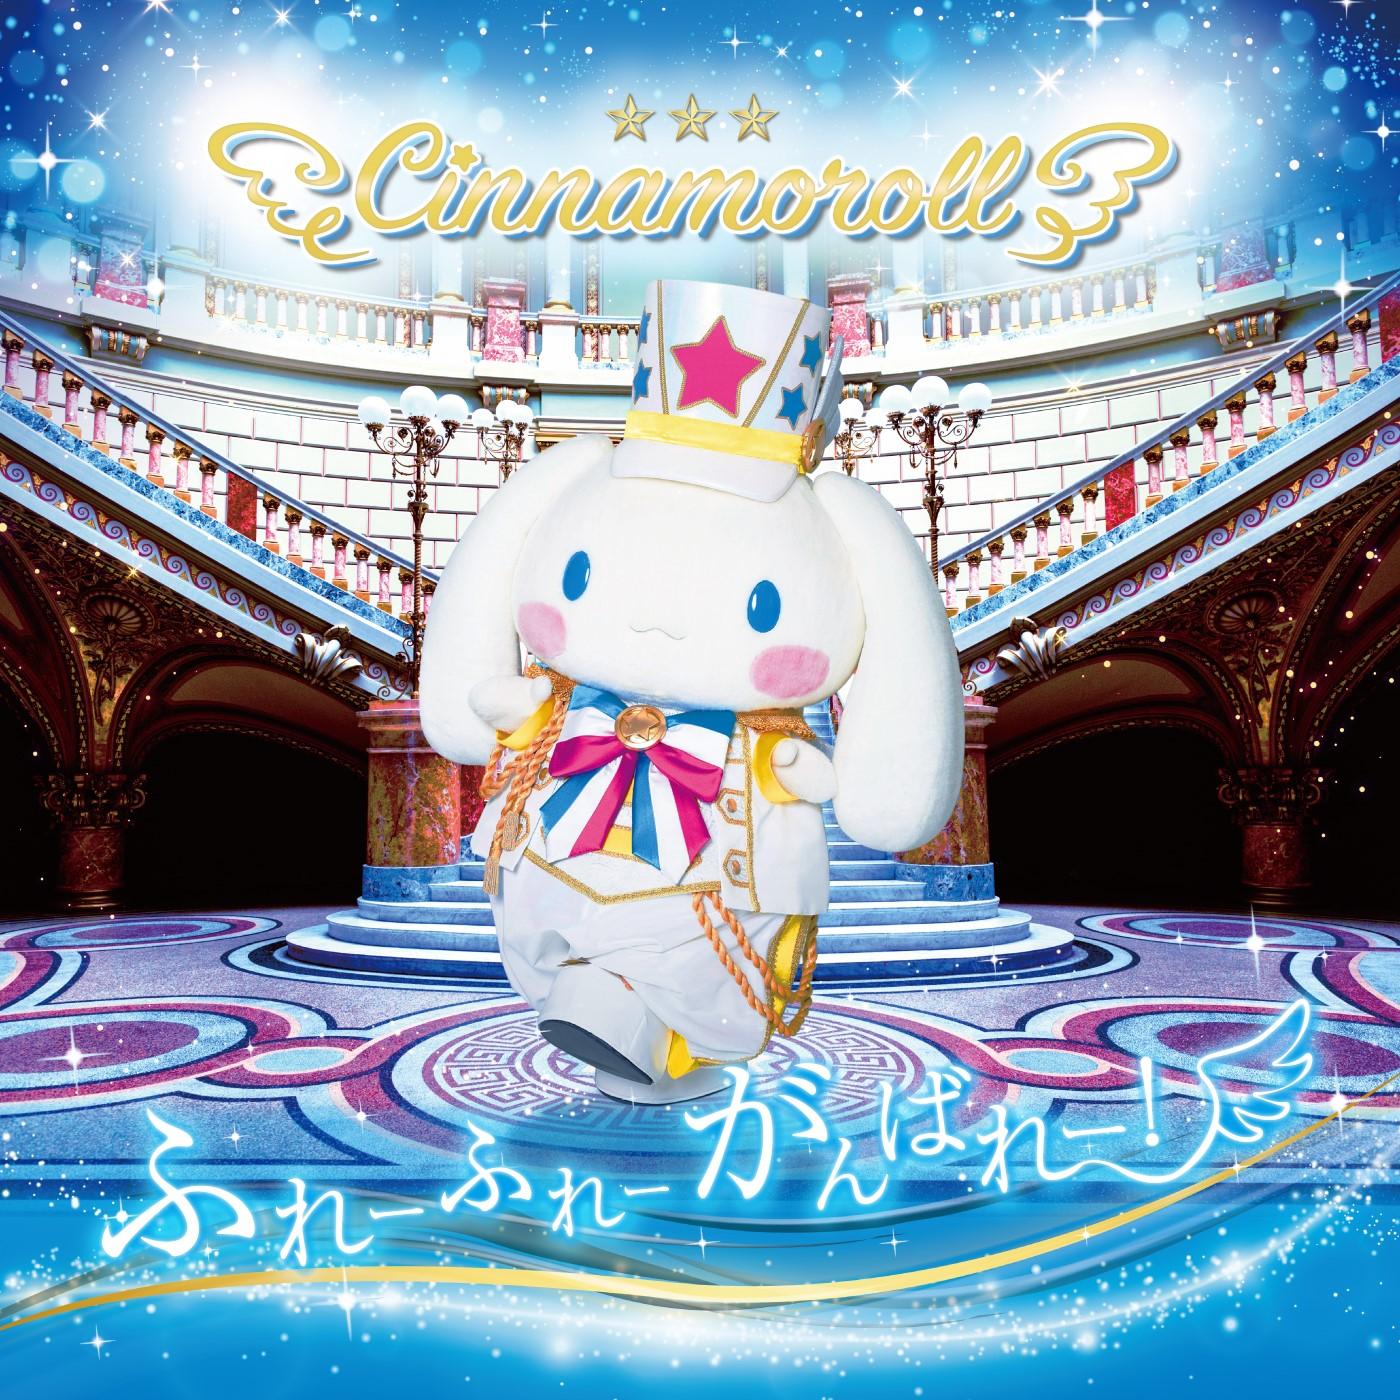 """シナモンが""""アイドル""""としてついにCDデビュー決定!リード曲「ふれーふれーがんばれー!」の配信がスタート"""